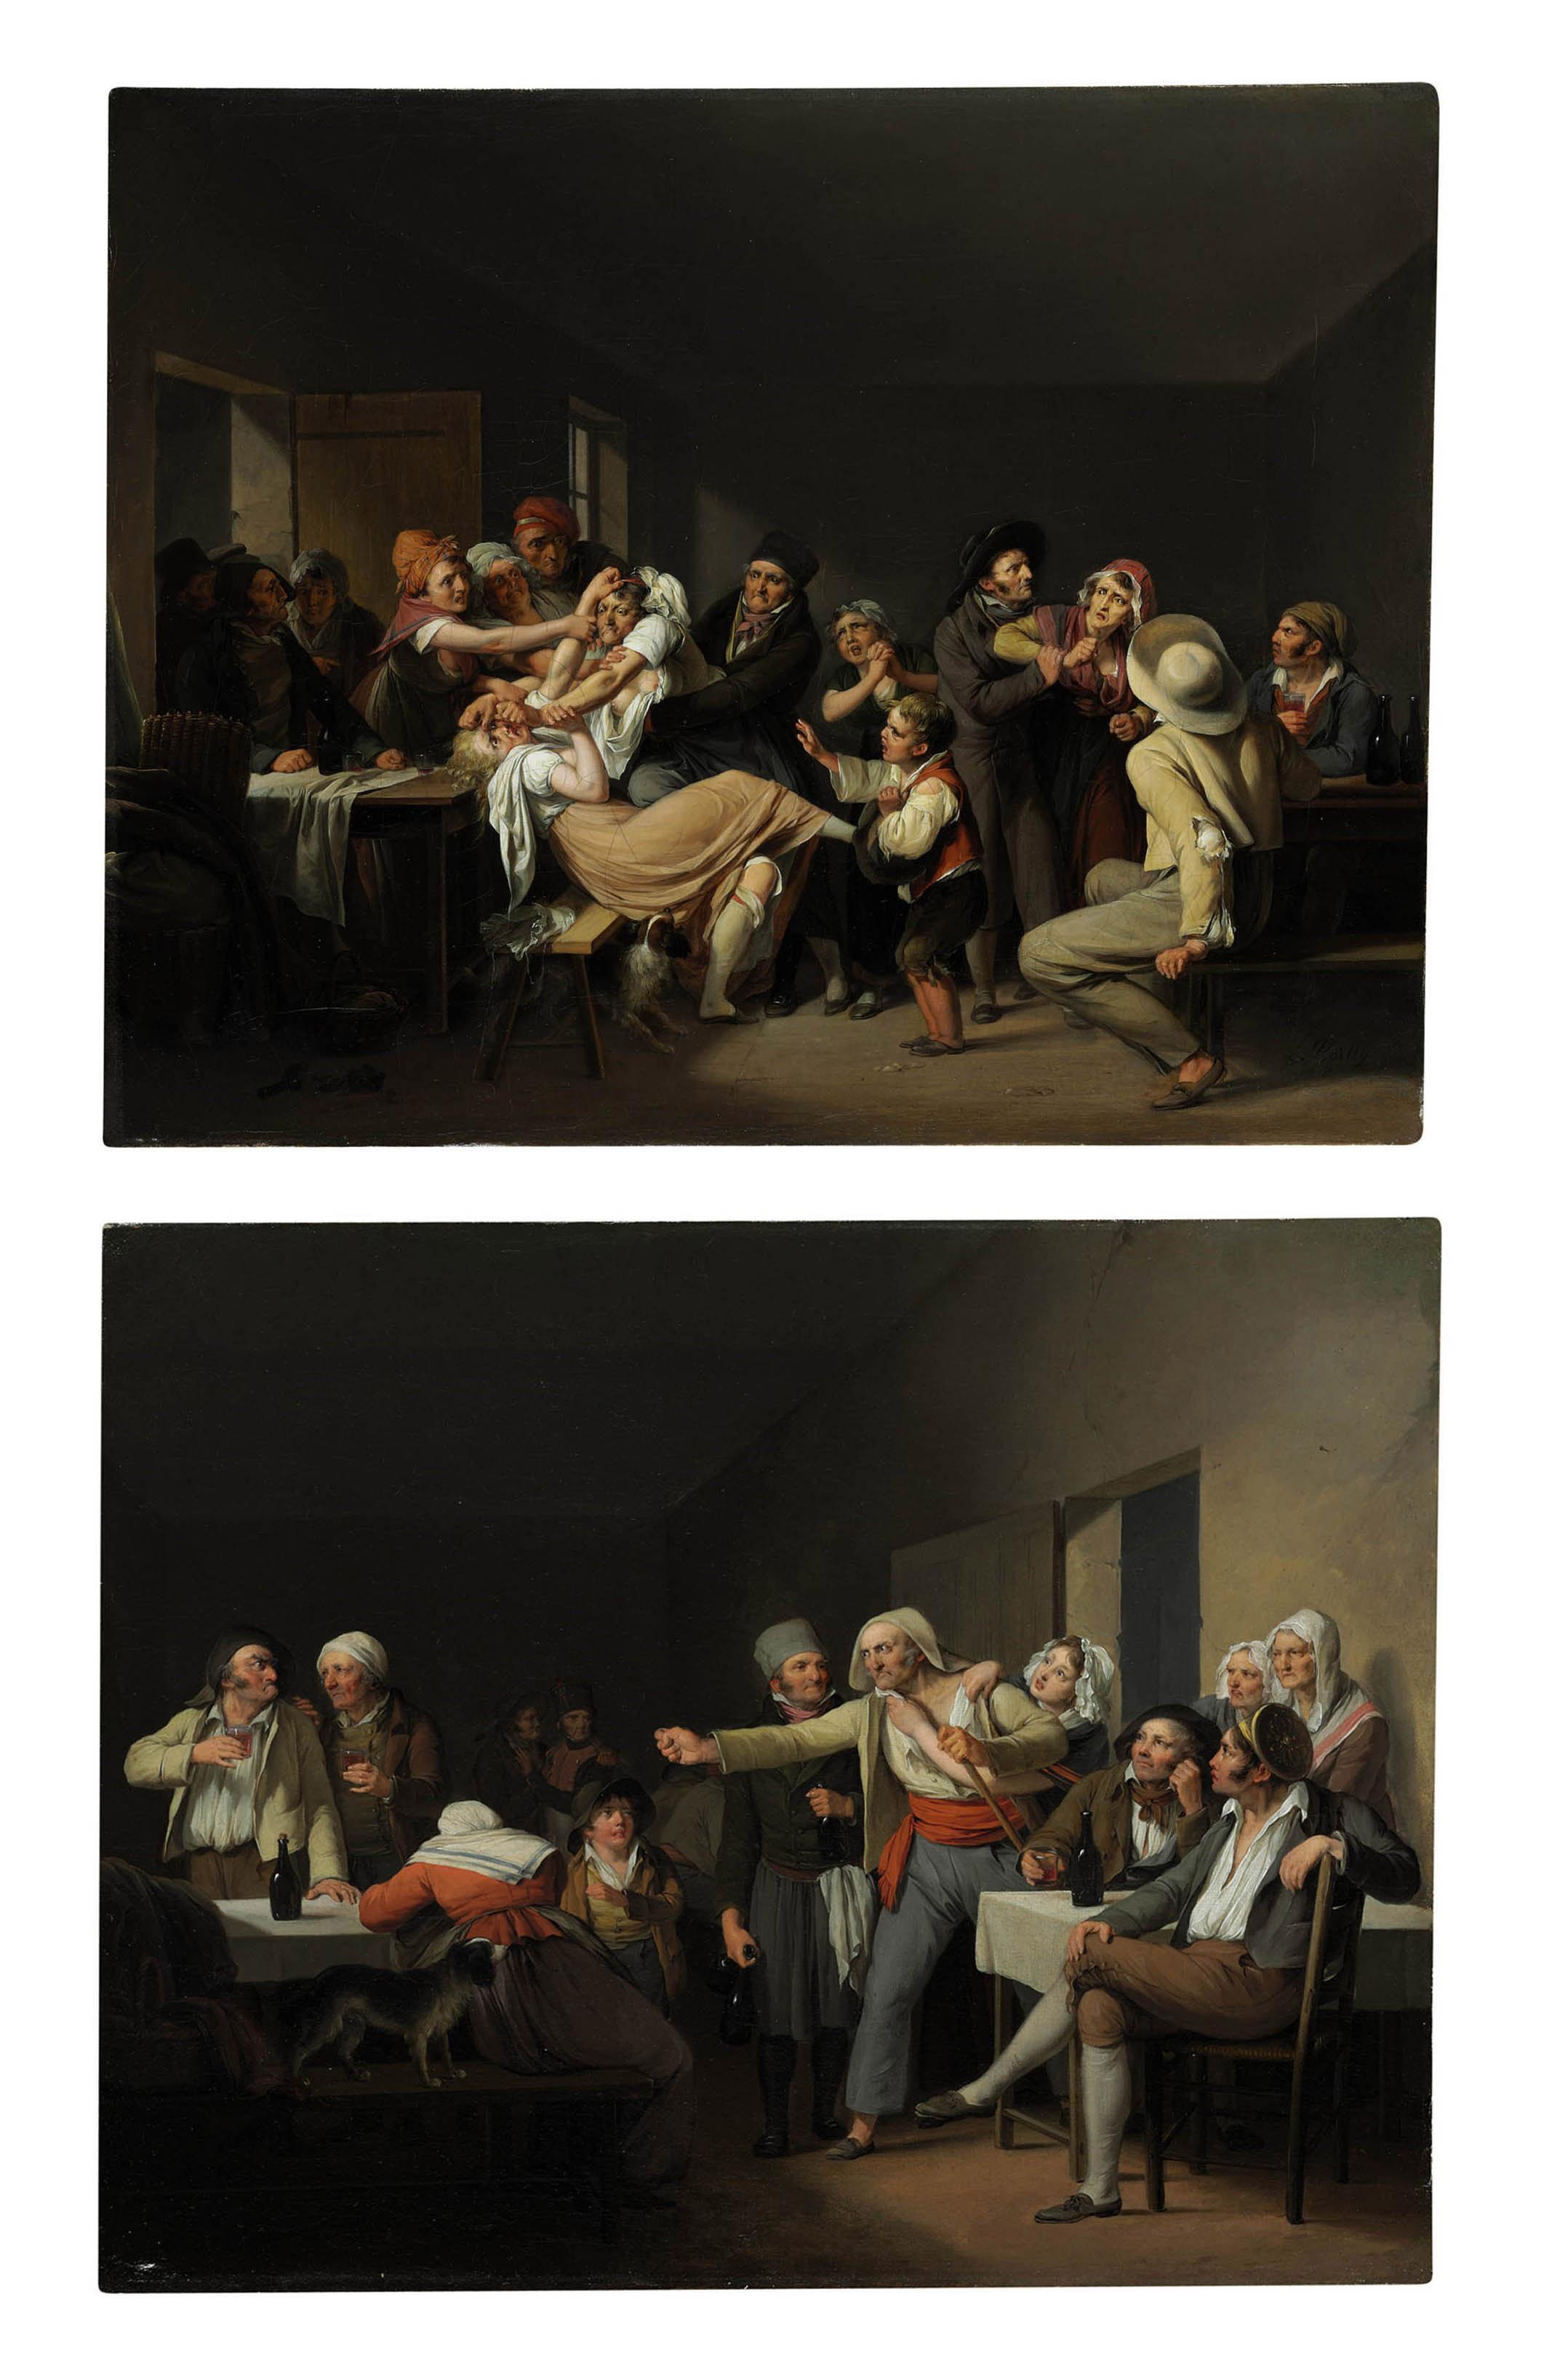 Les Femmes se battent; and Les Hommes se disputent